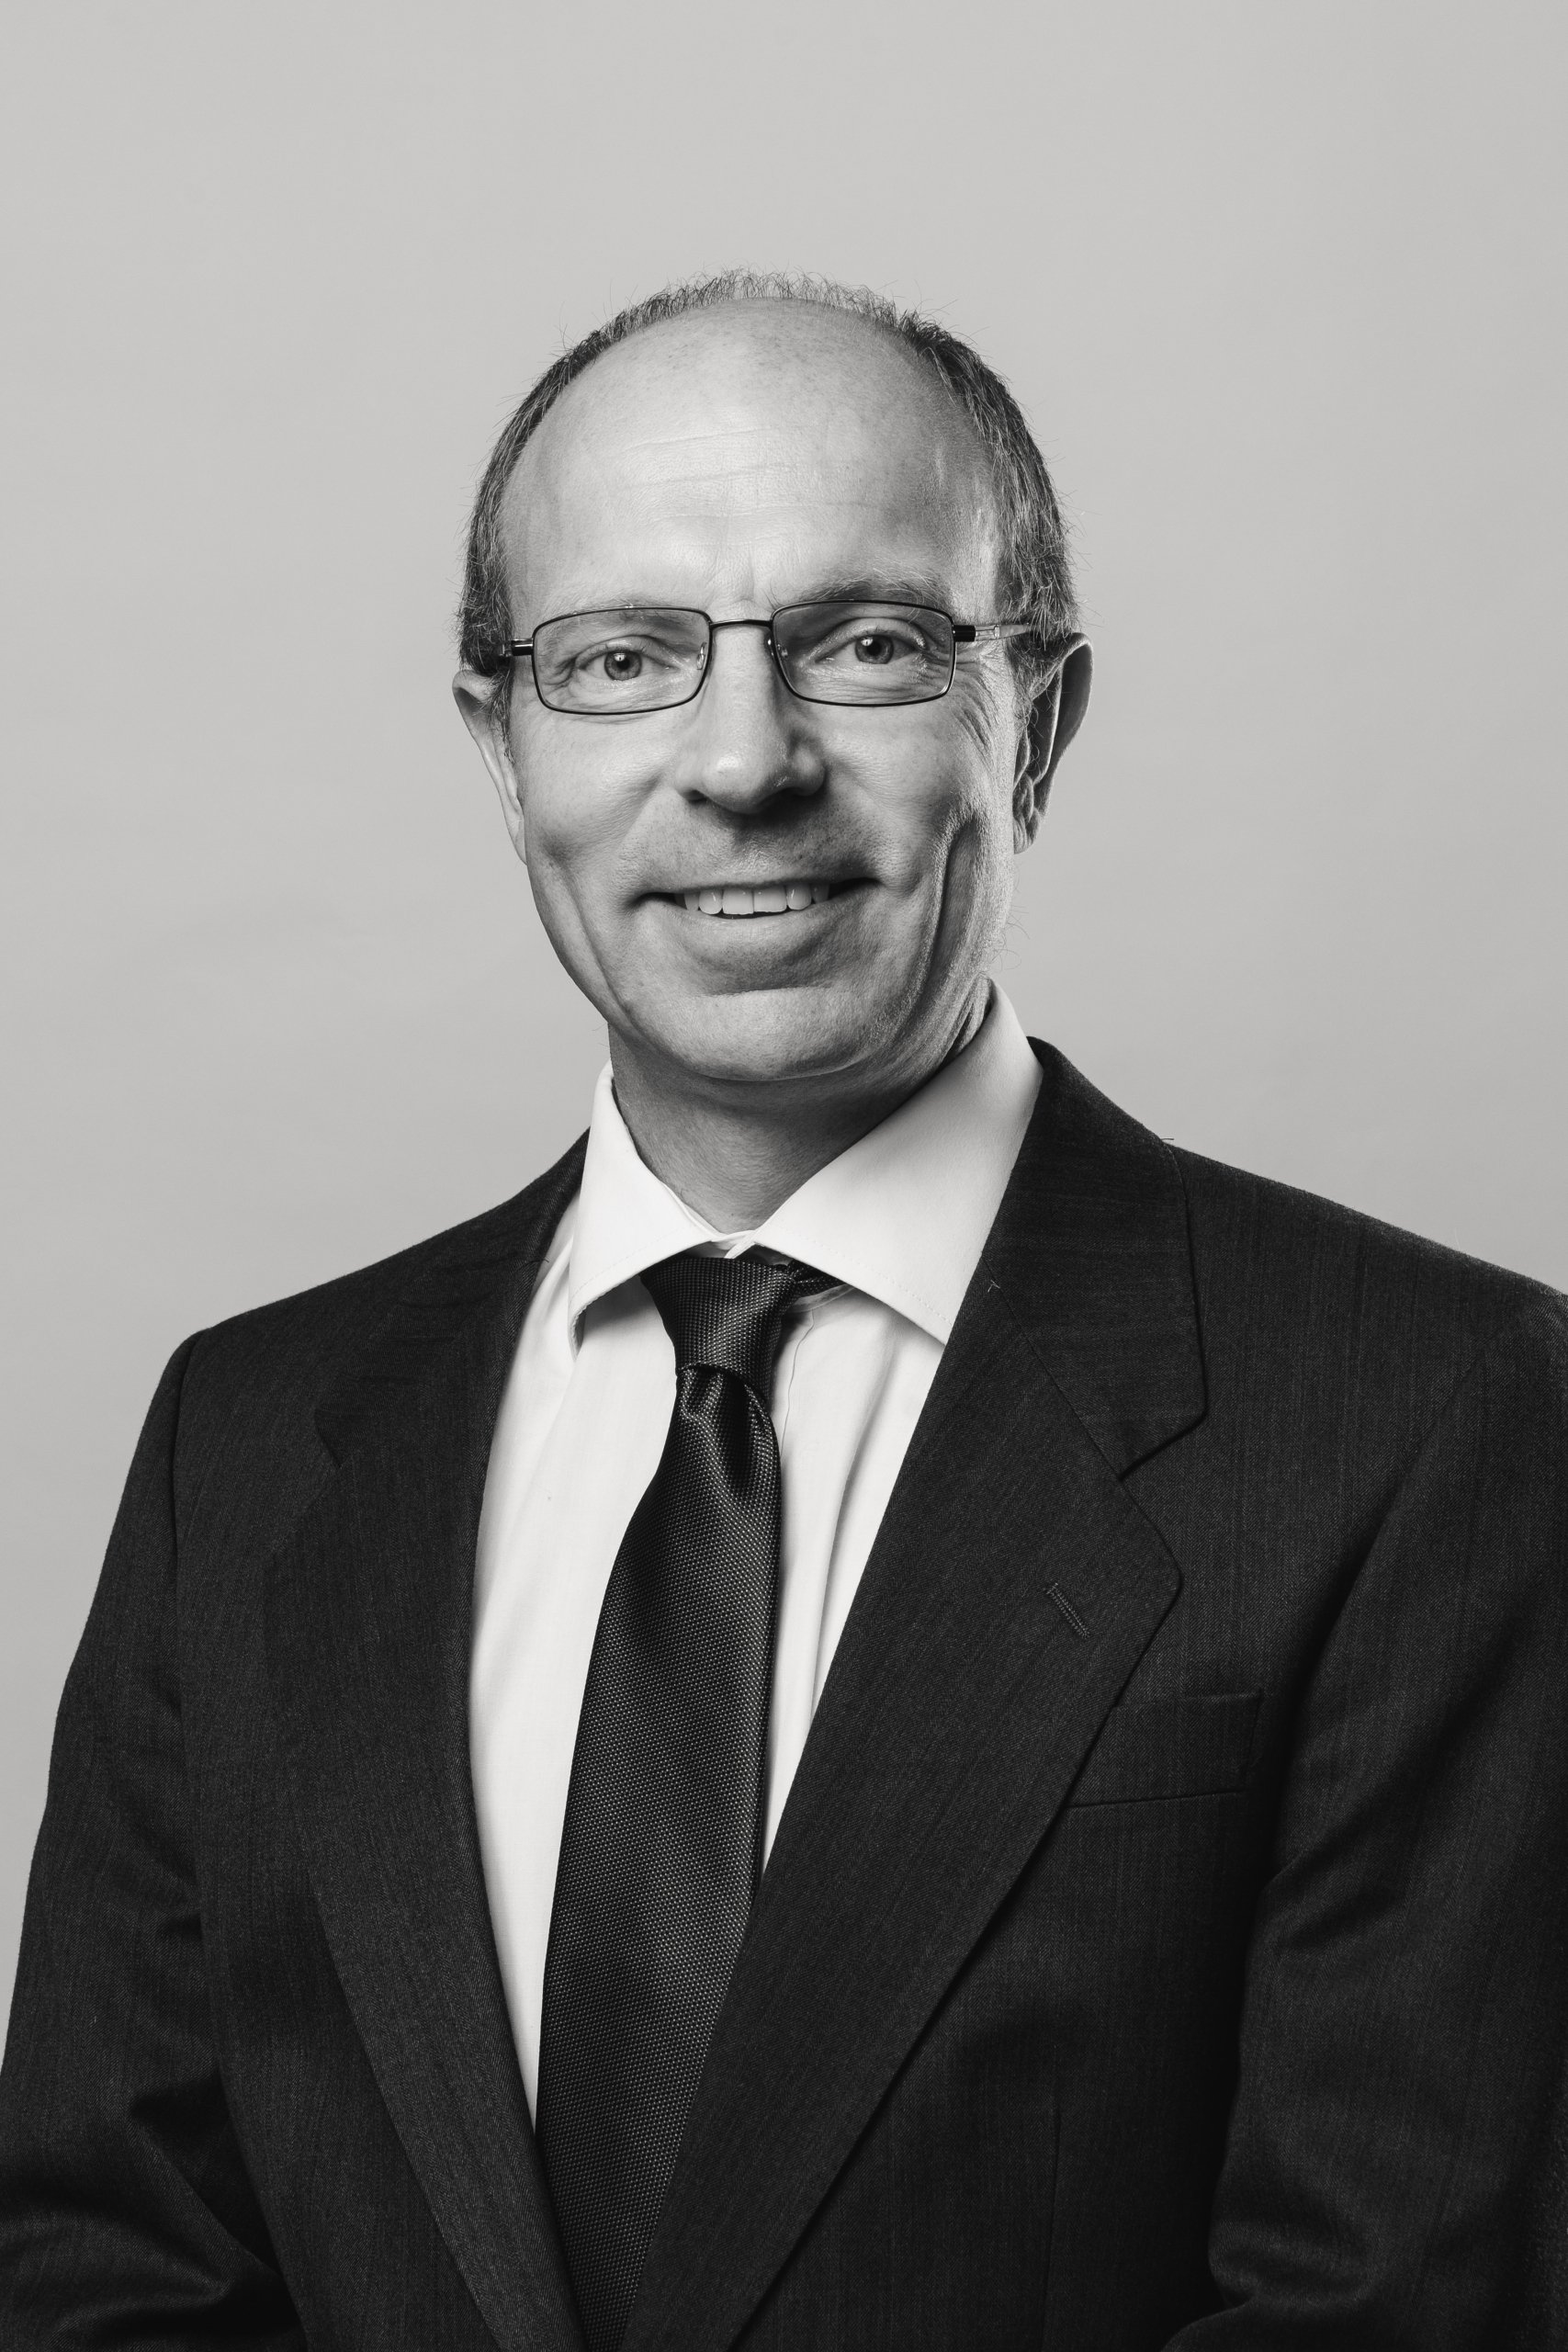 Mark Blackburn